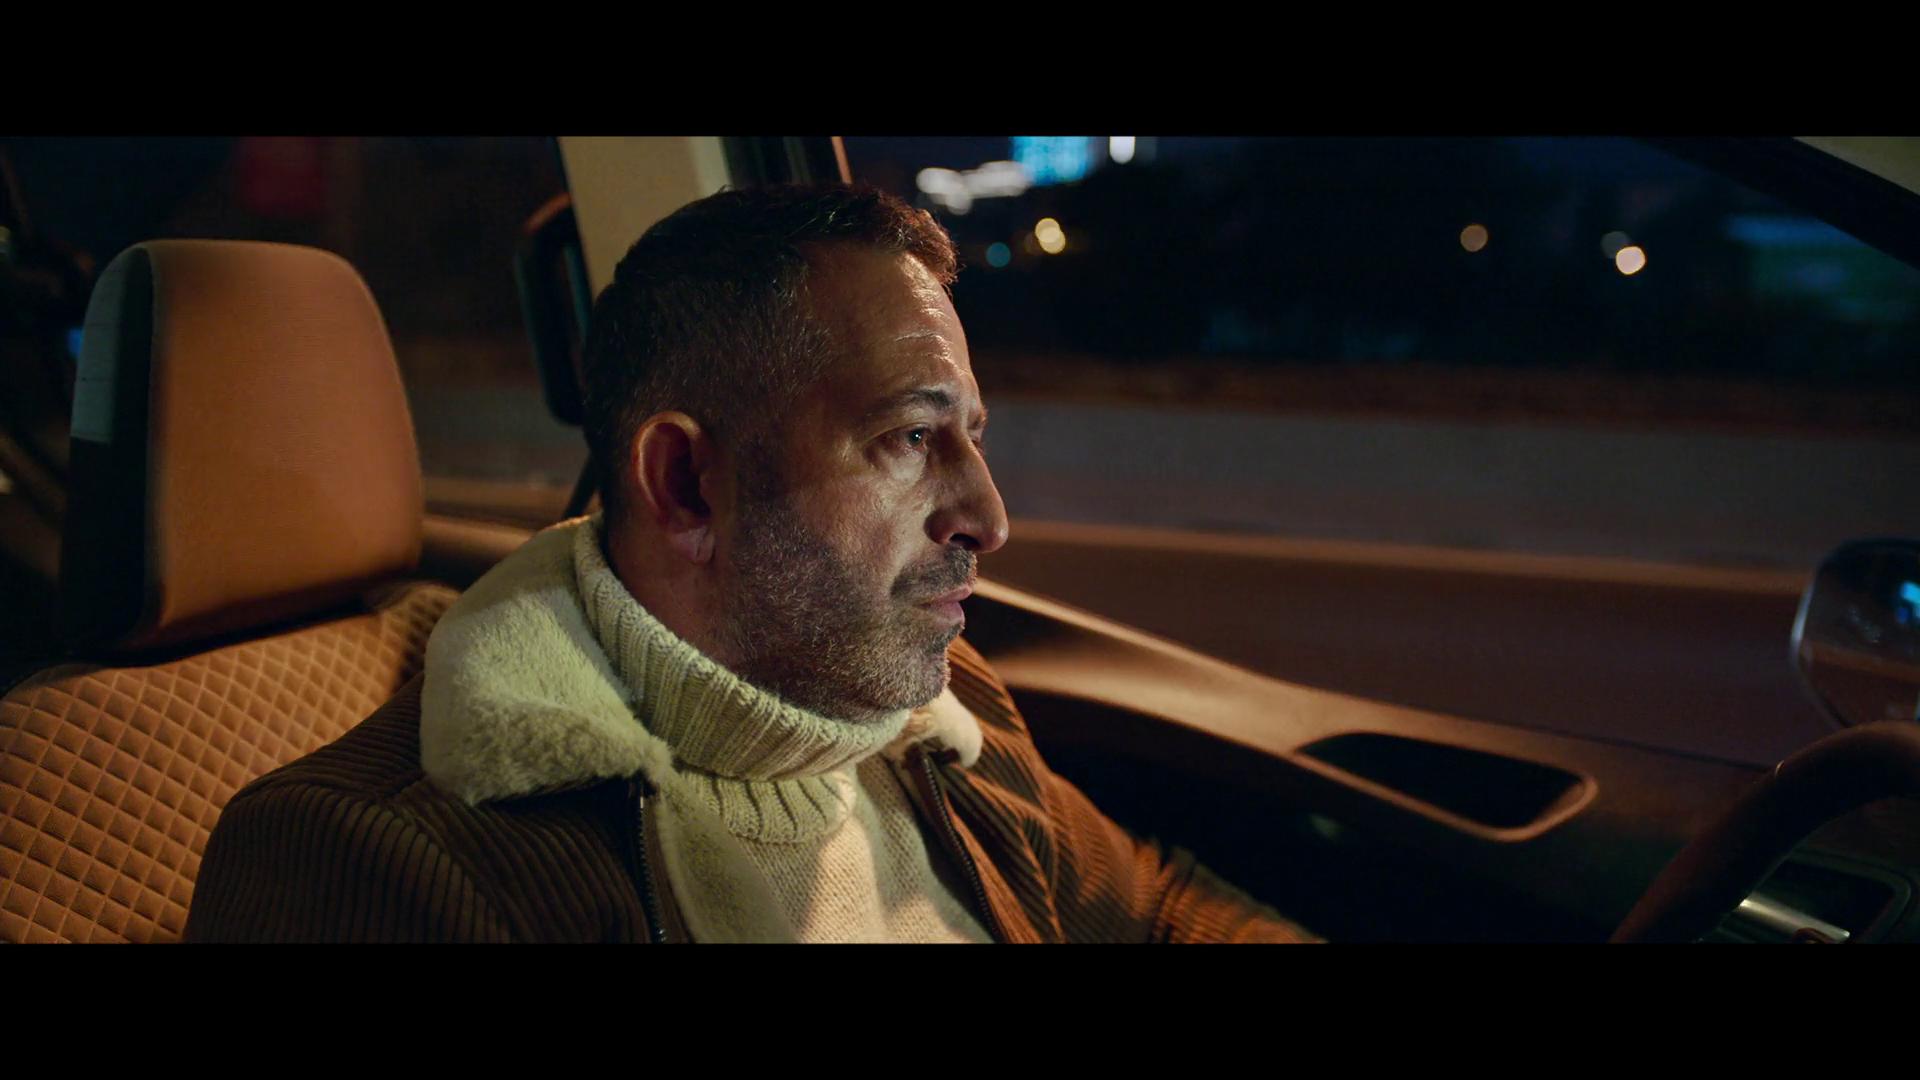 Karakomik Filmler 2 Deli - Emanet 1080p sansürsüz